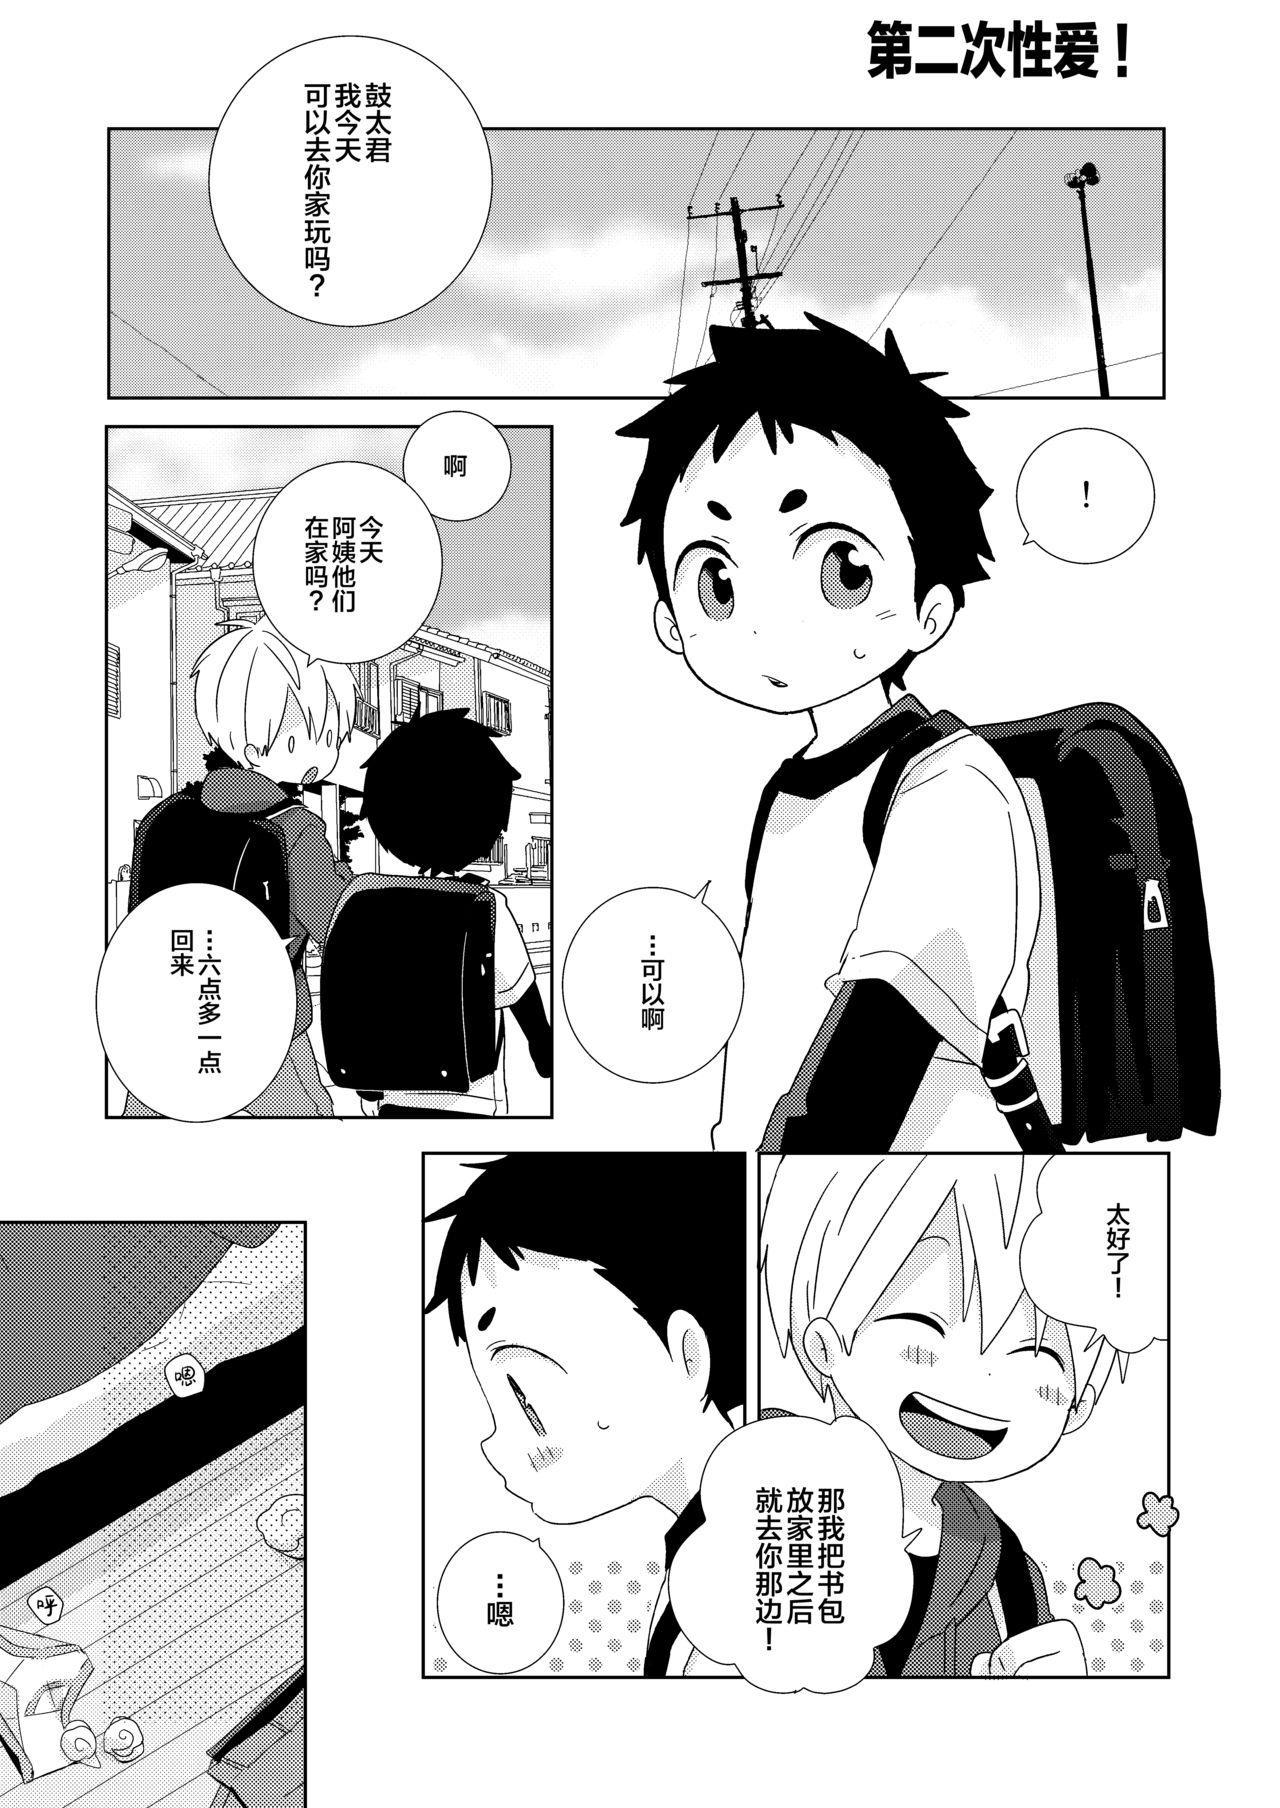 Kota-kun Ecchi Shiyo! 11